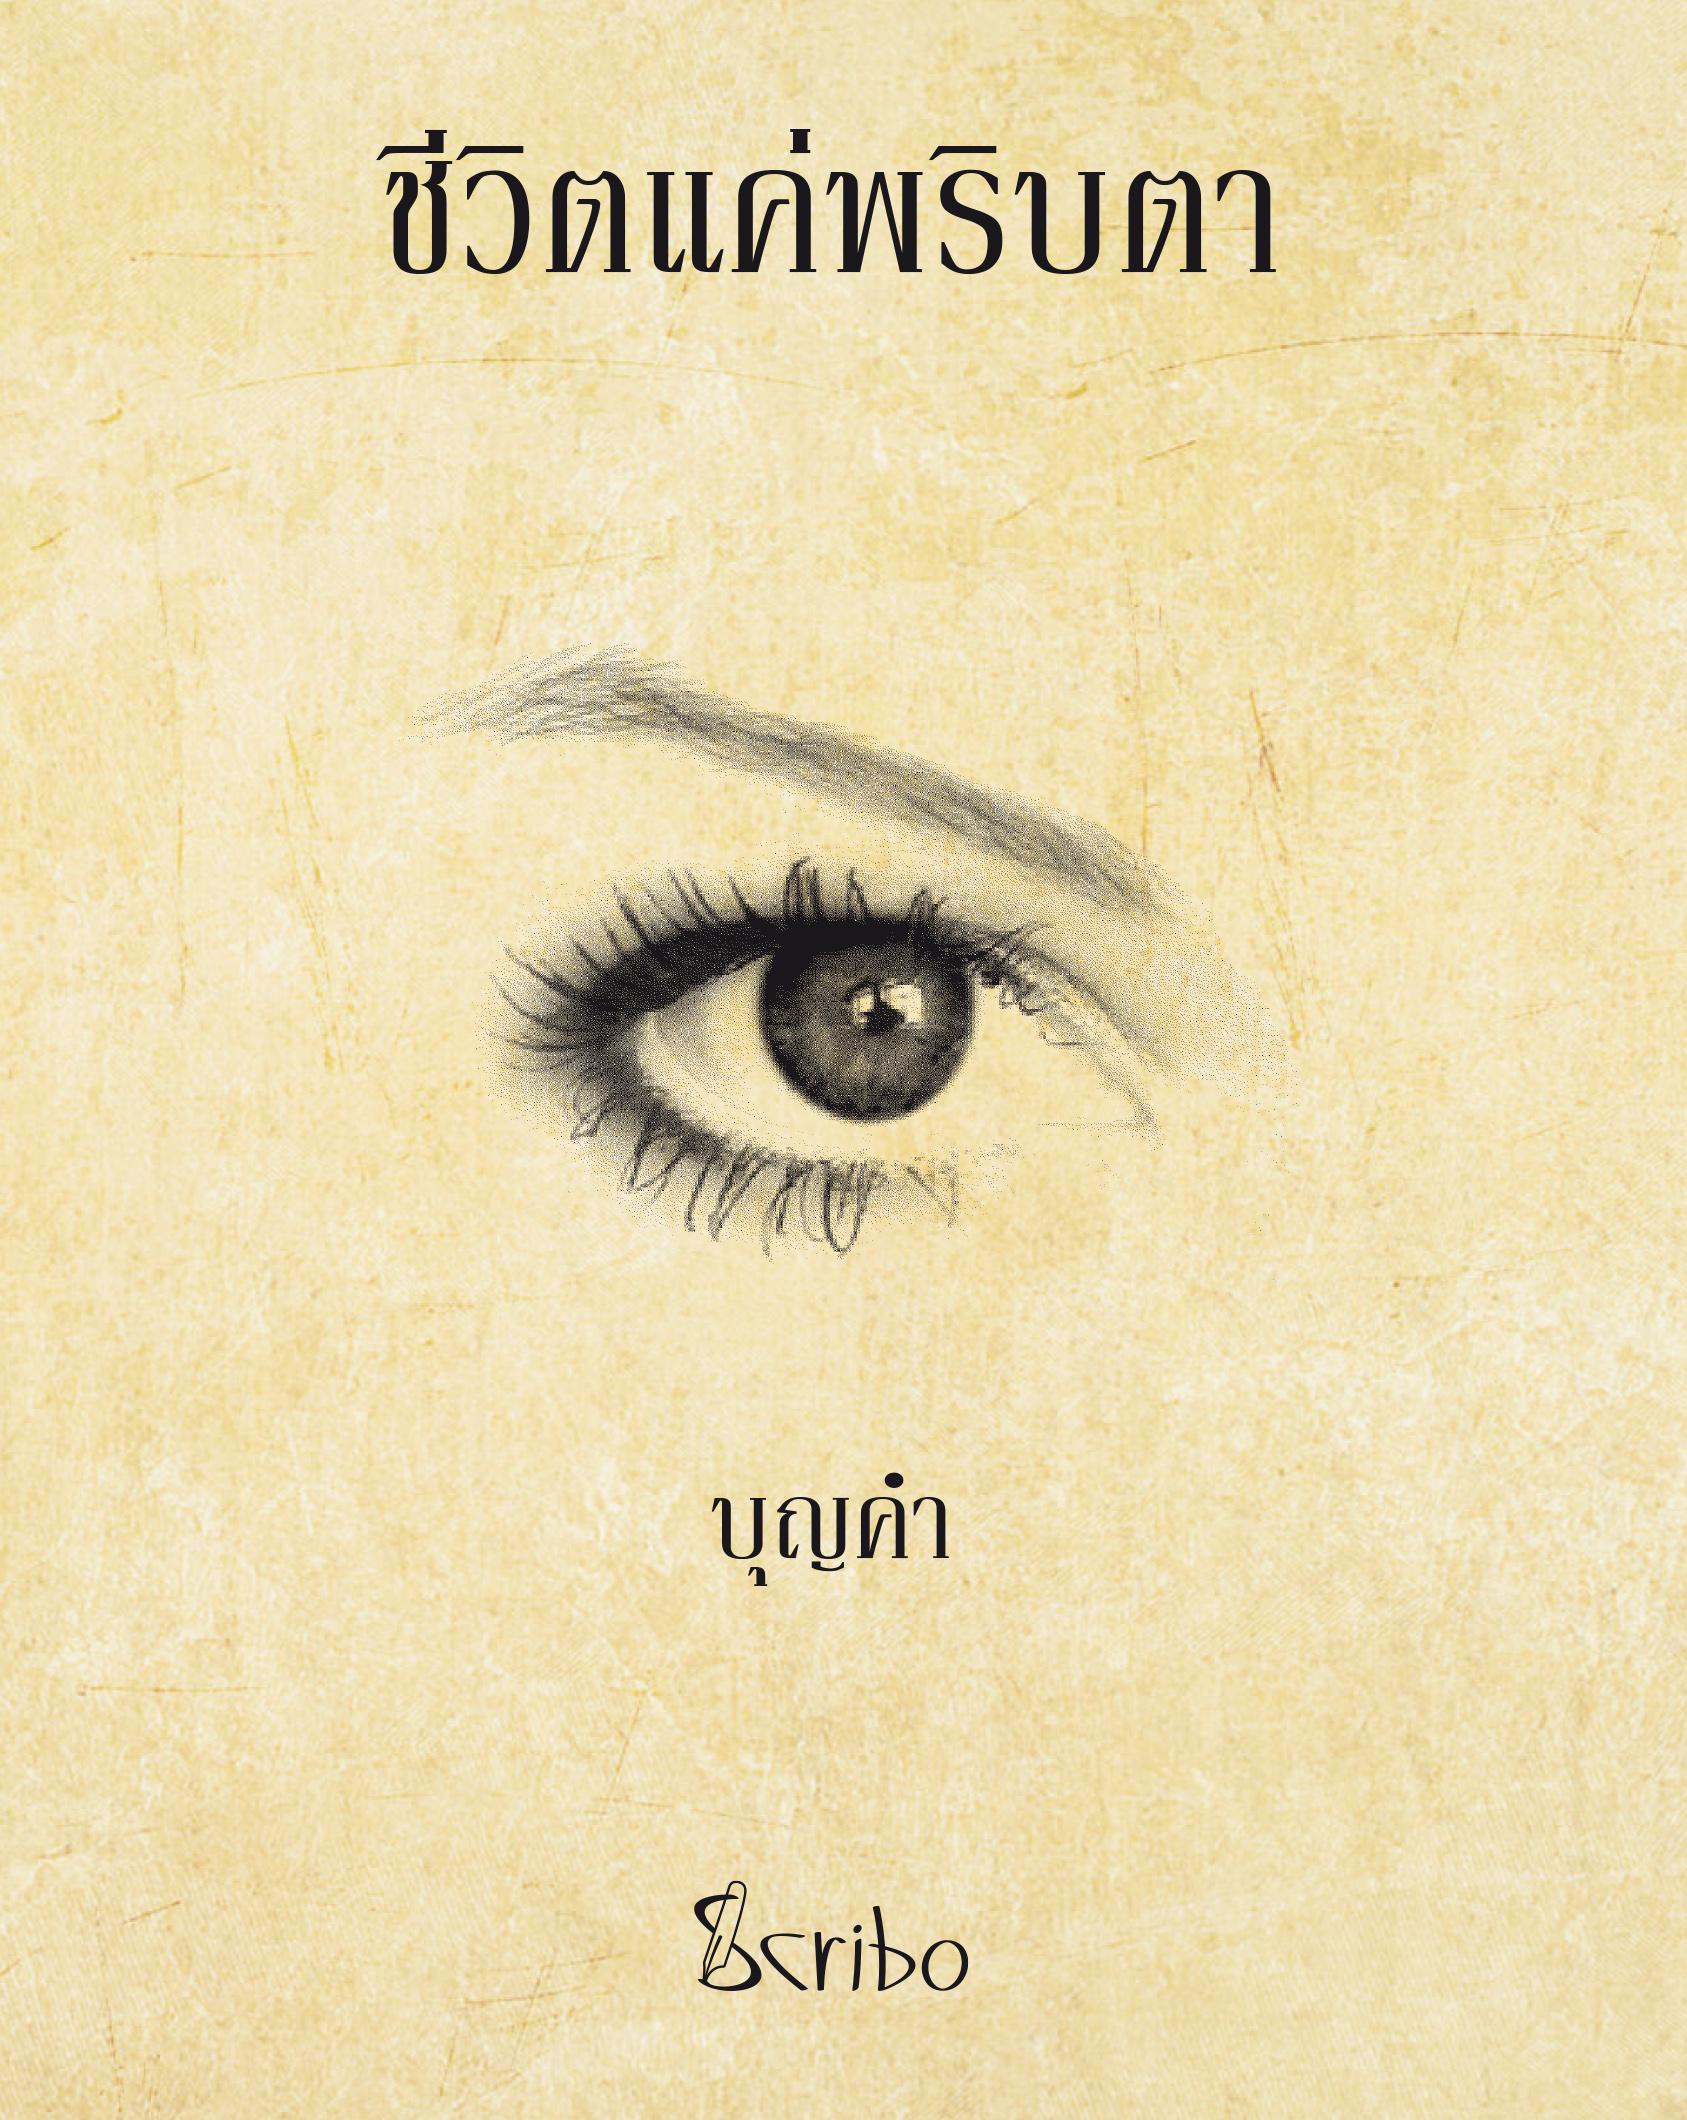 Copertina - La vita in un batter d'occhio di Boonkam